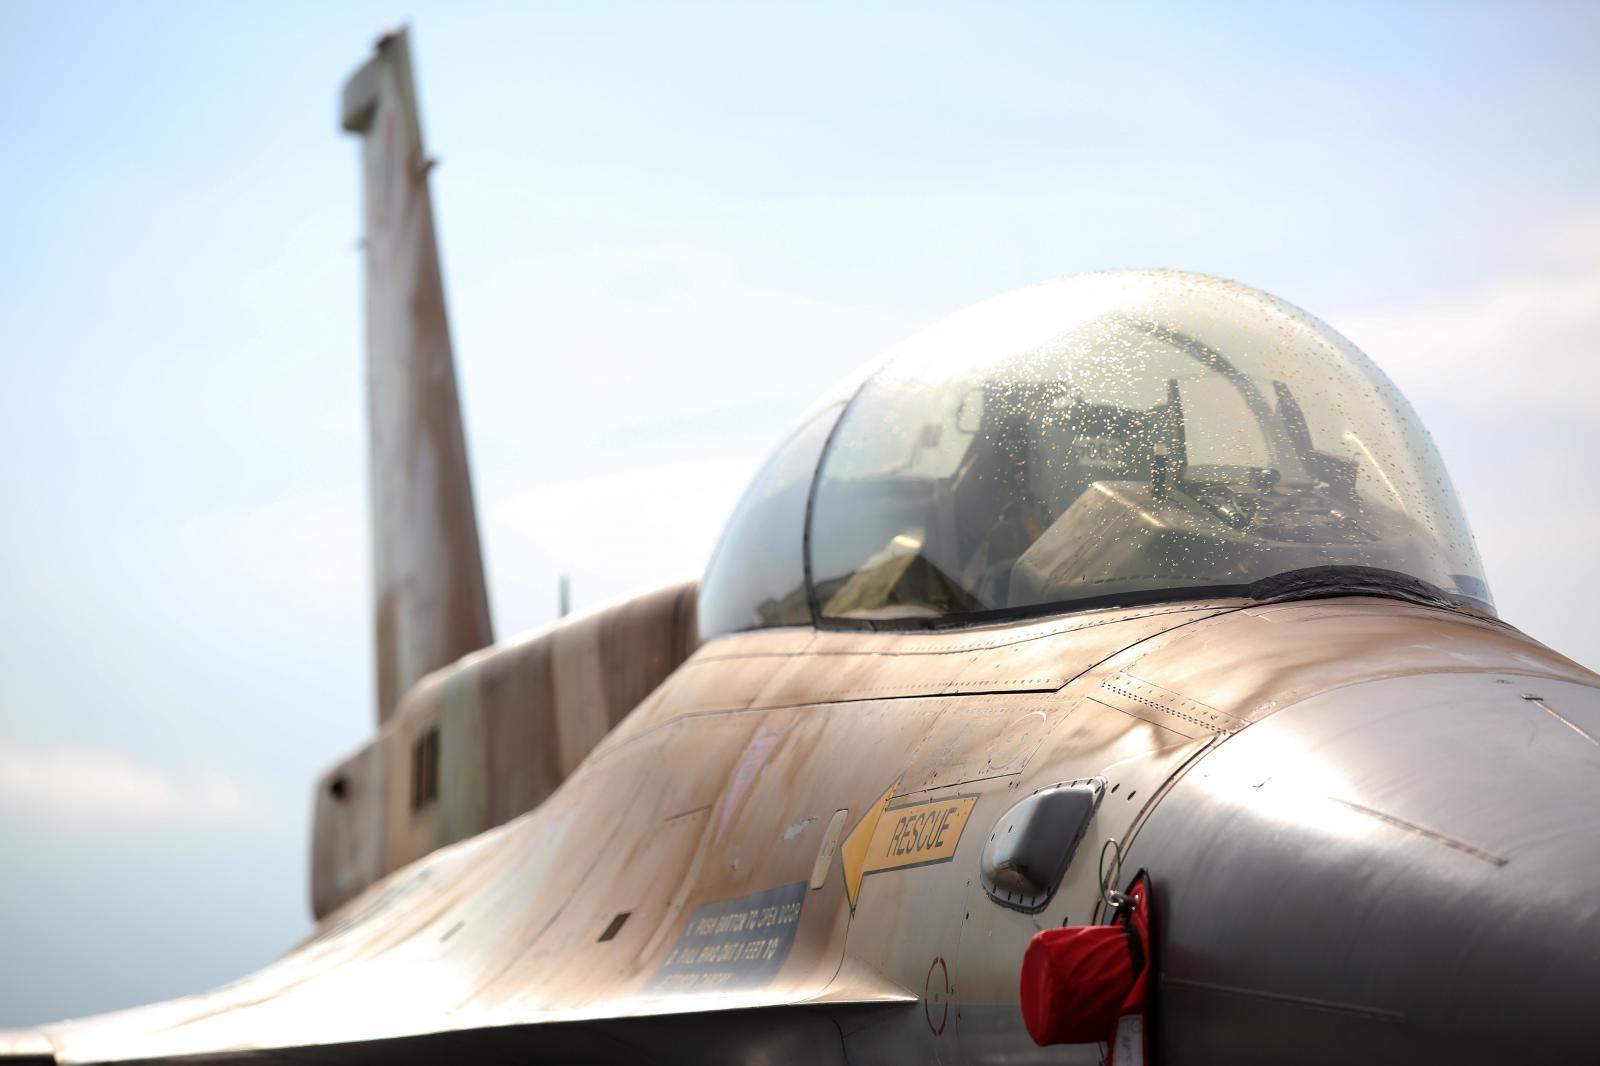 MORH 'Inzistiramo na poštivanju izraelske ponude u potpunosti, nikakva druga inačica F-16 nije moguća